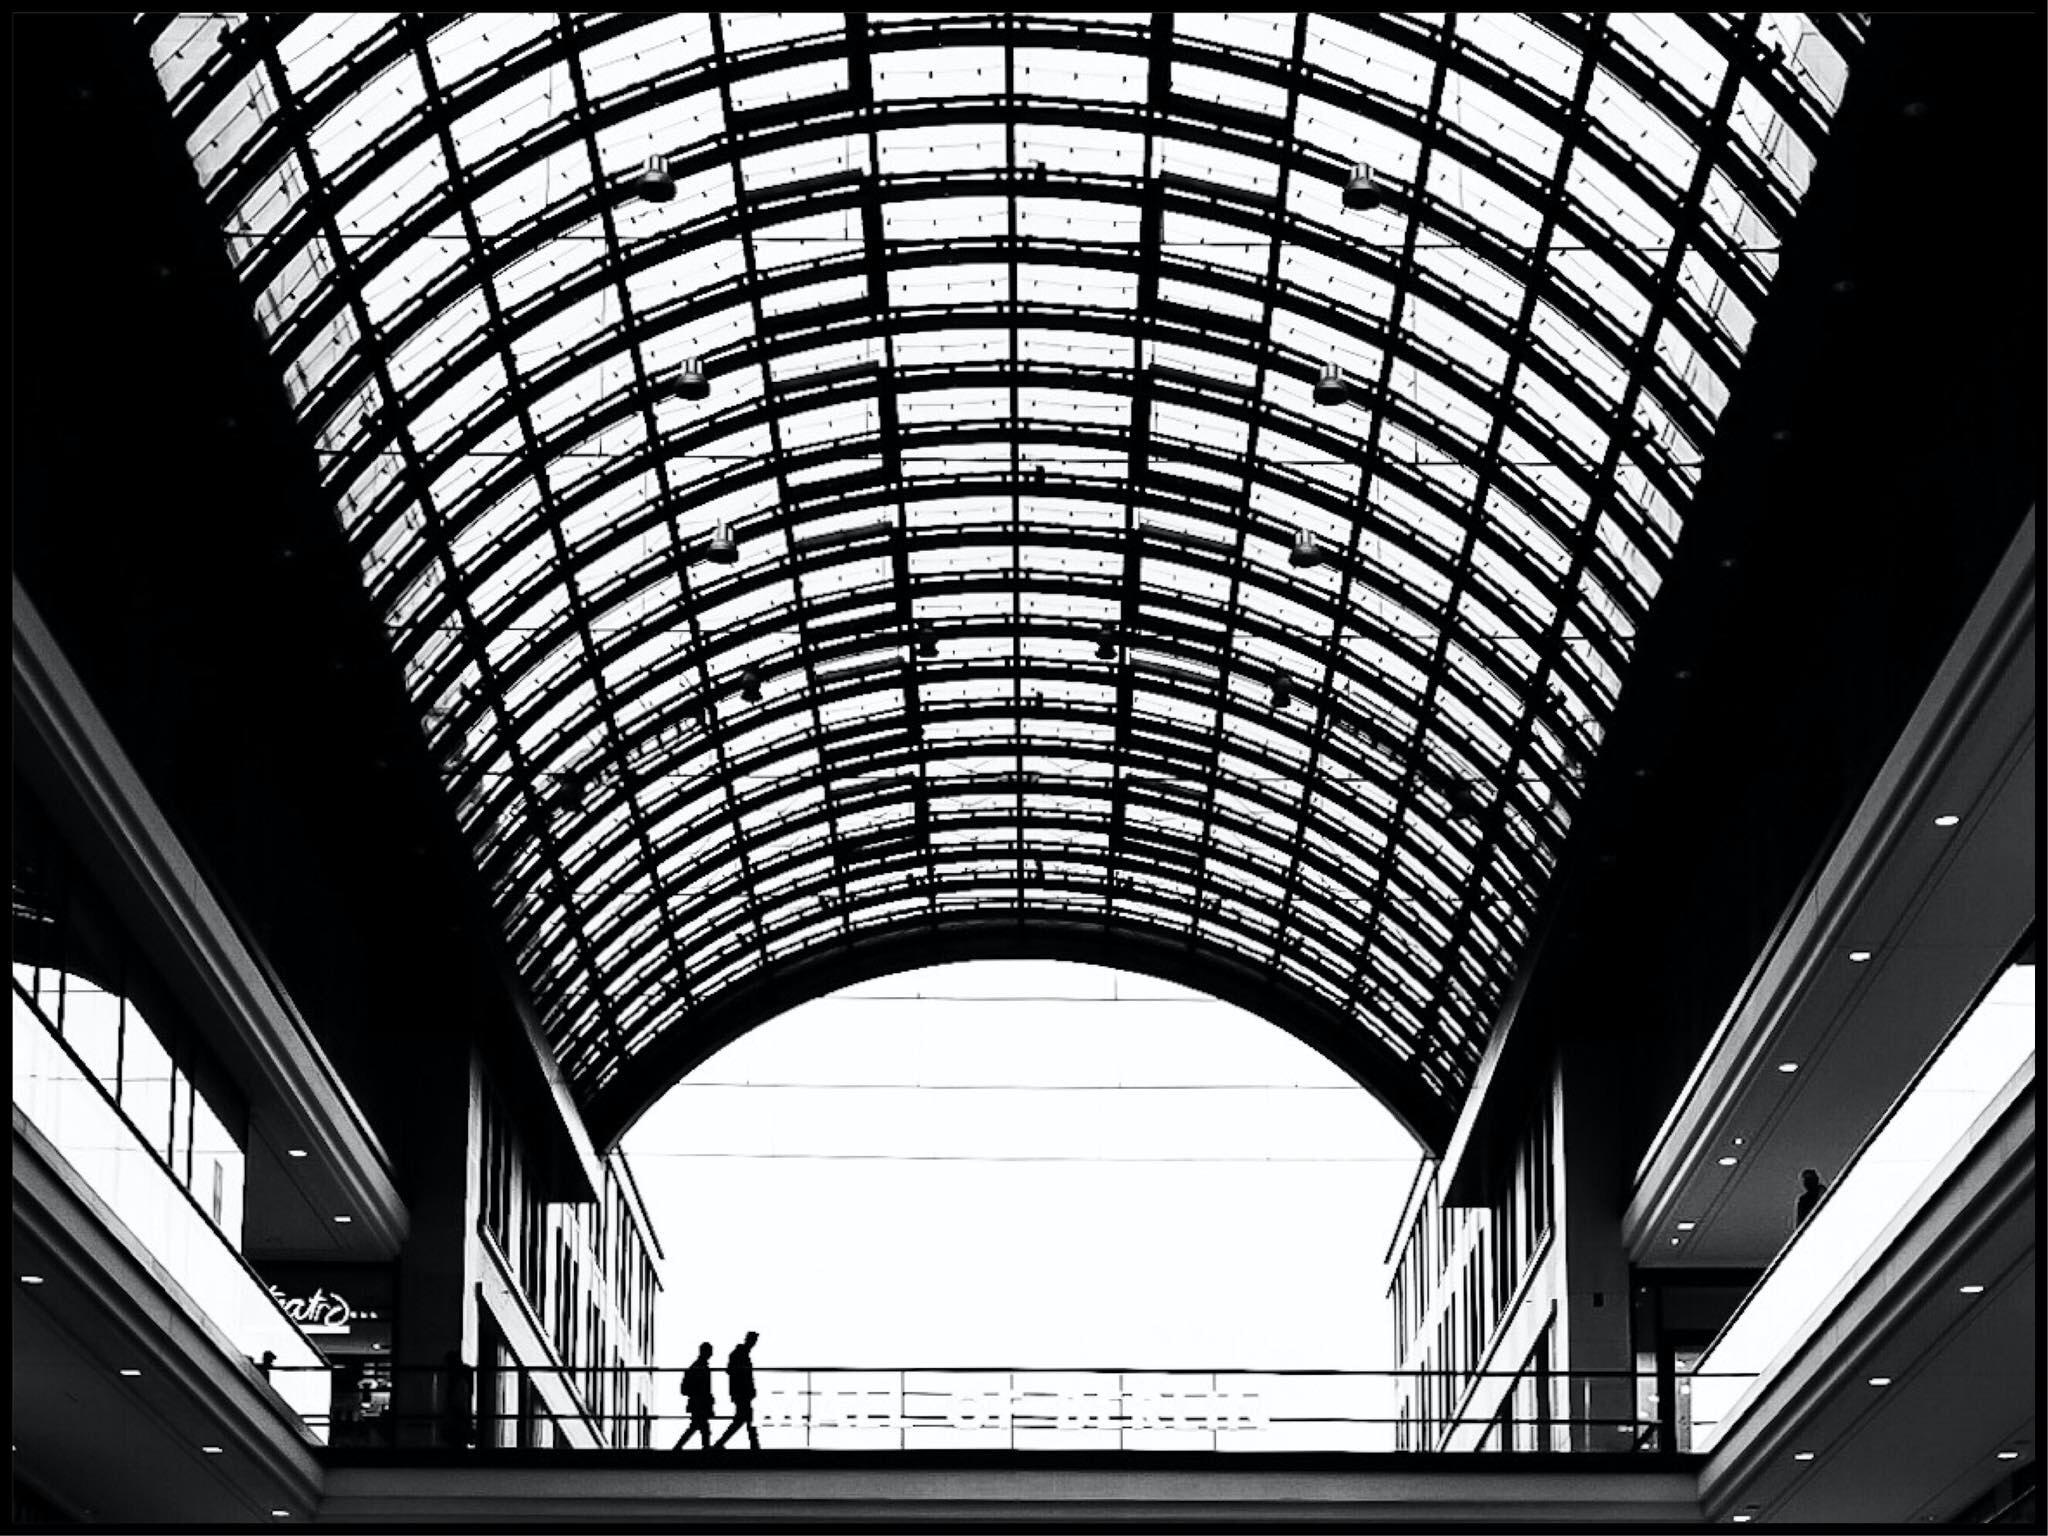 two people walking inside building